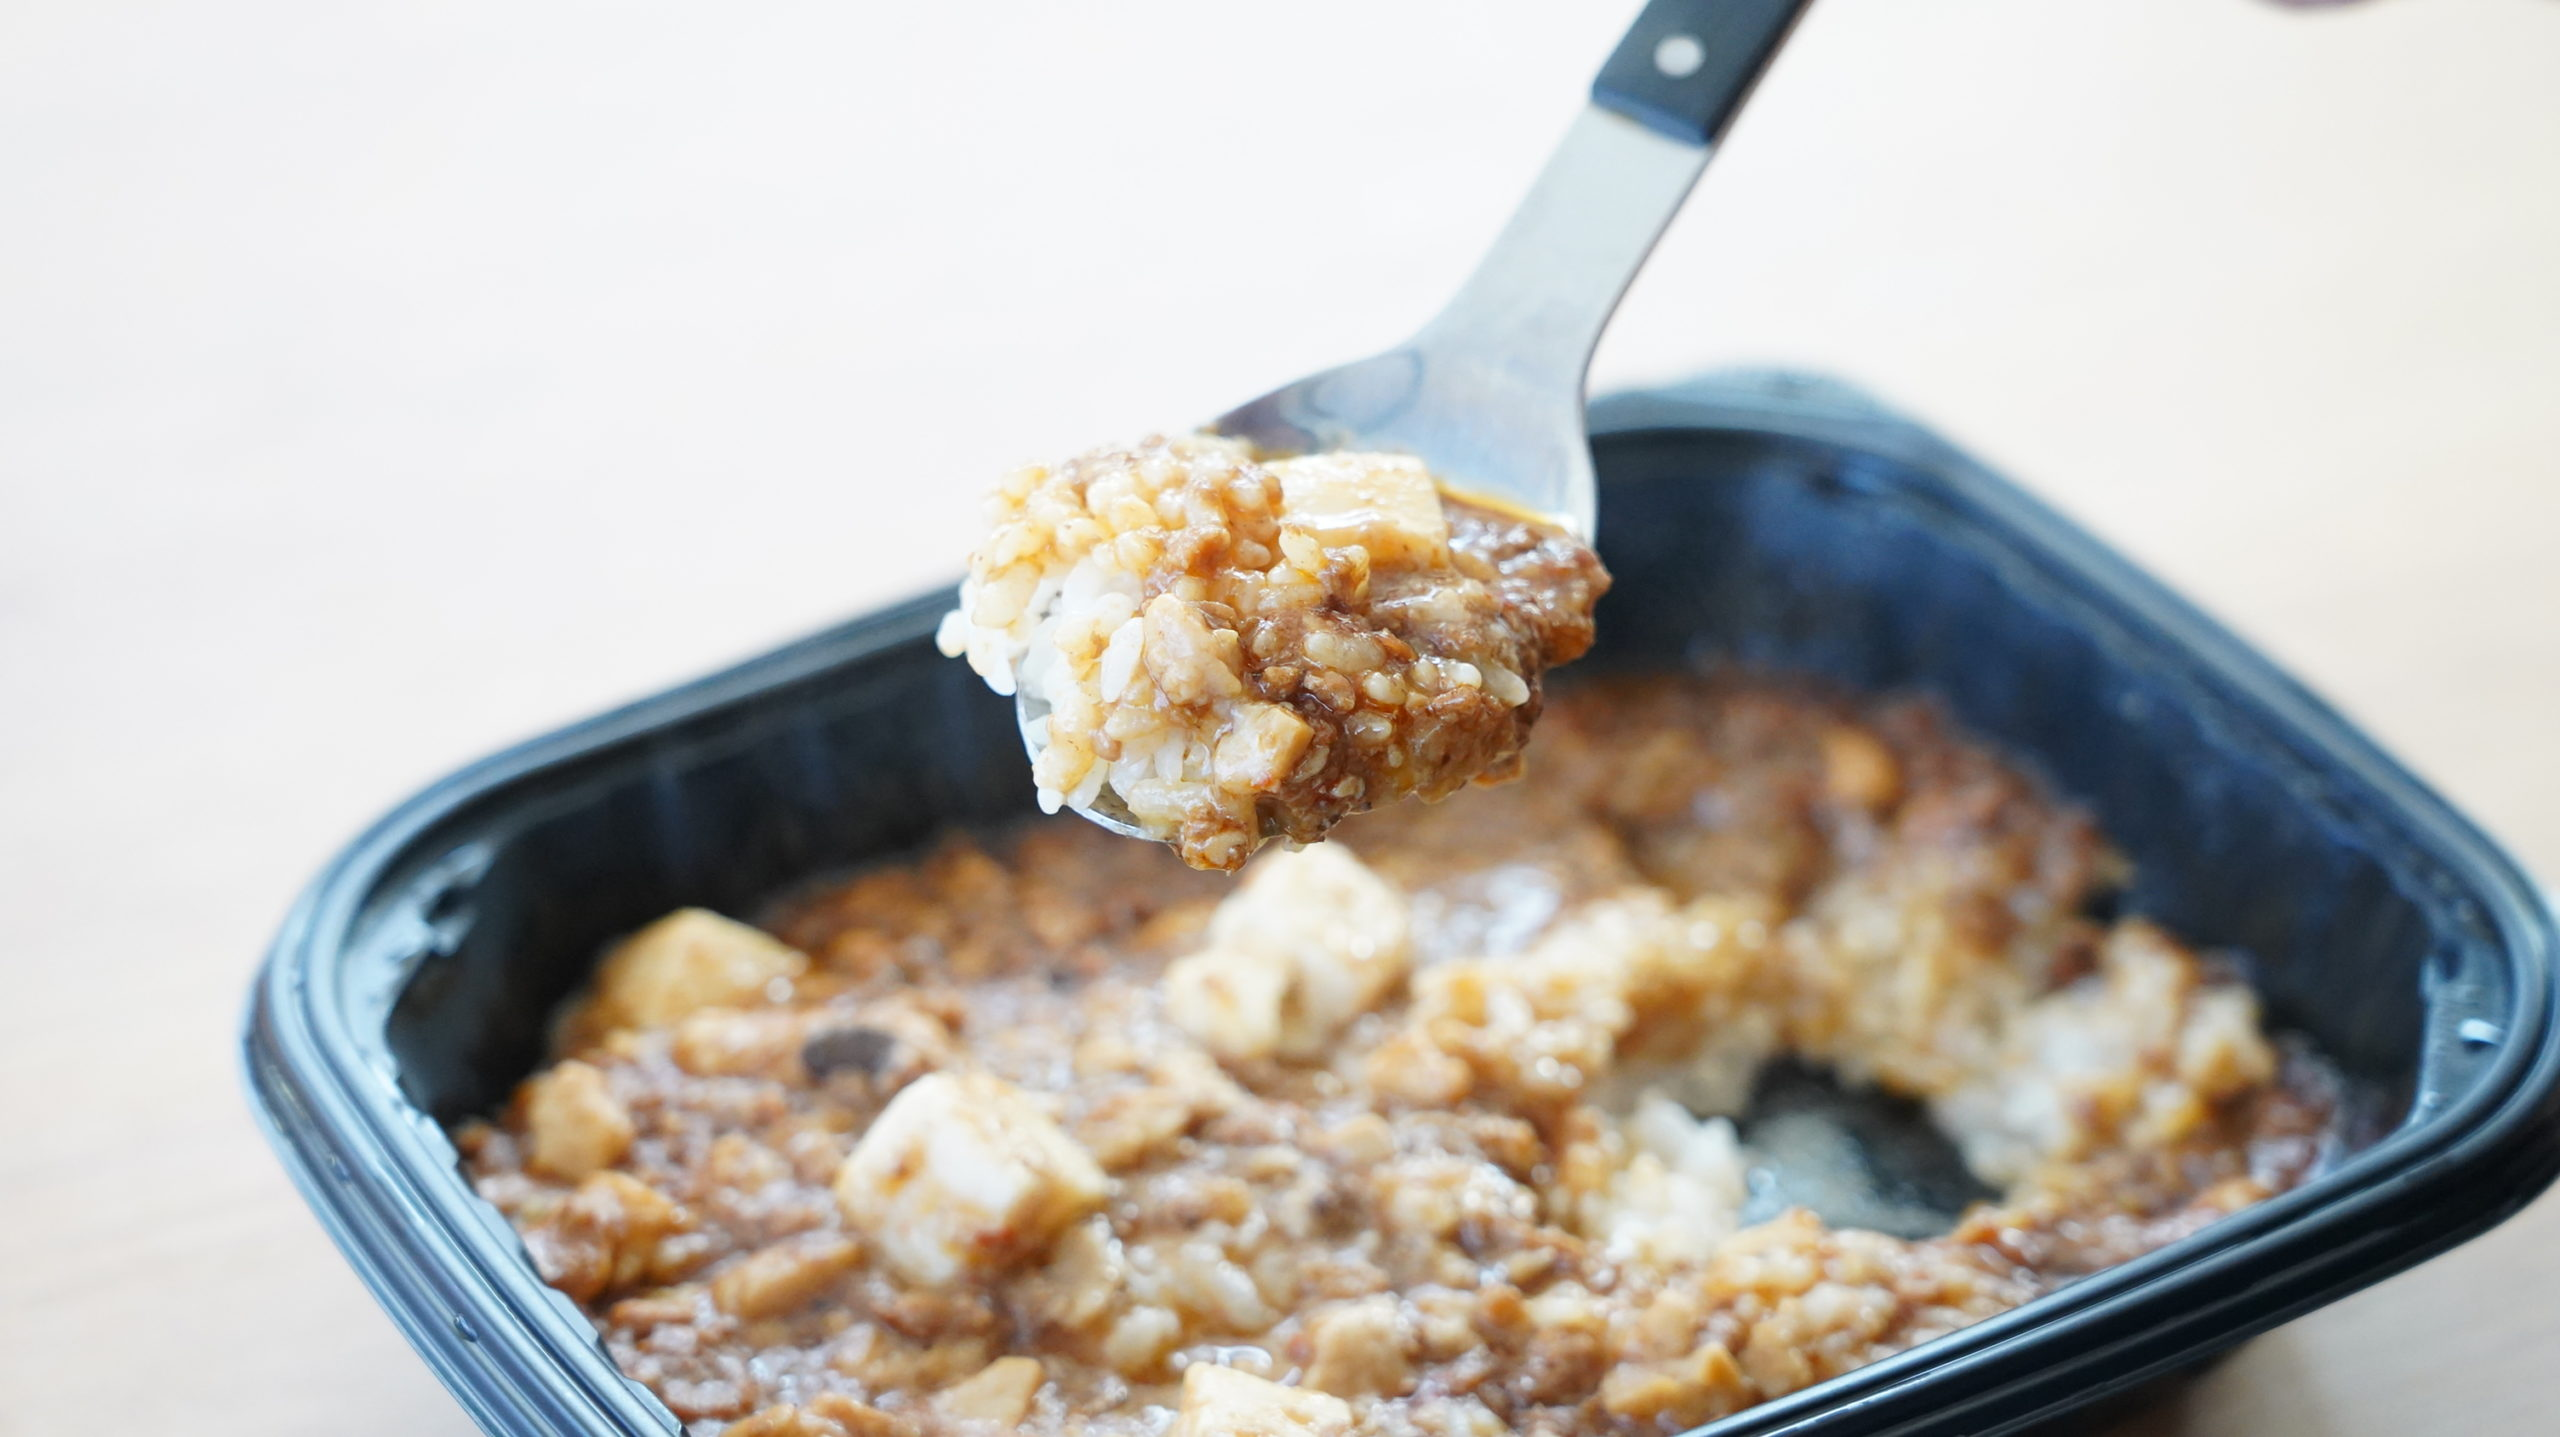 ファミリーマートの冷凍食品「花椒香る四川風麻婆豆腐丼」の豆腐とひき肉をスプーンですくっている写真